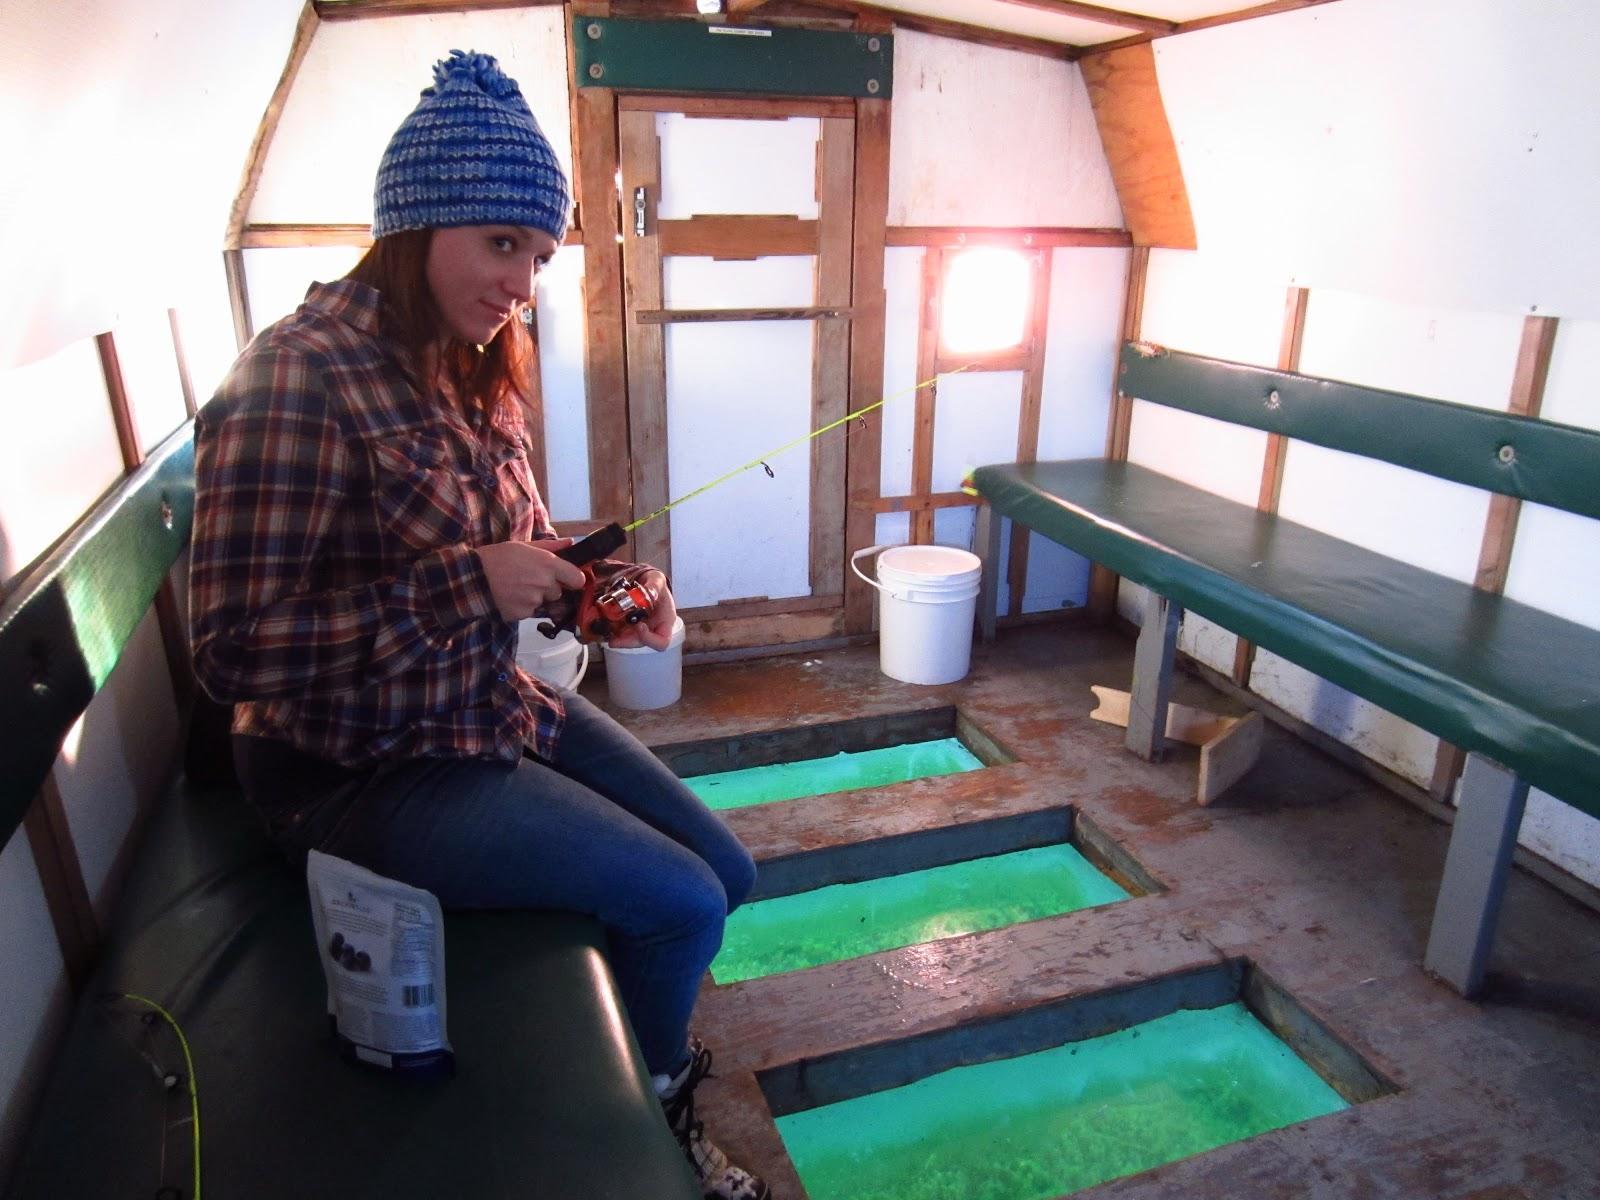 Ice fishing girls - photo#5